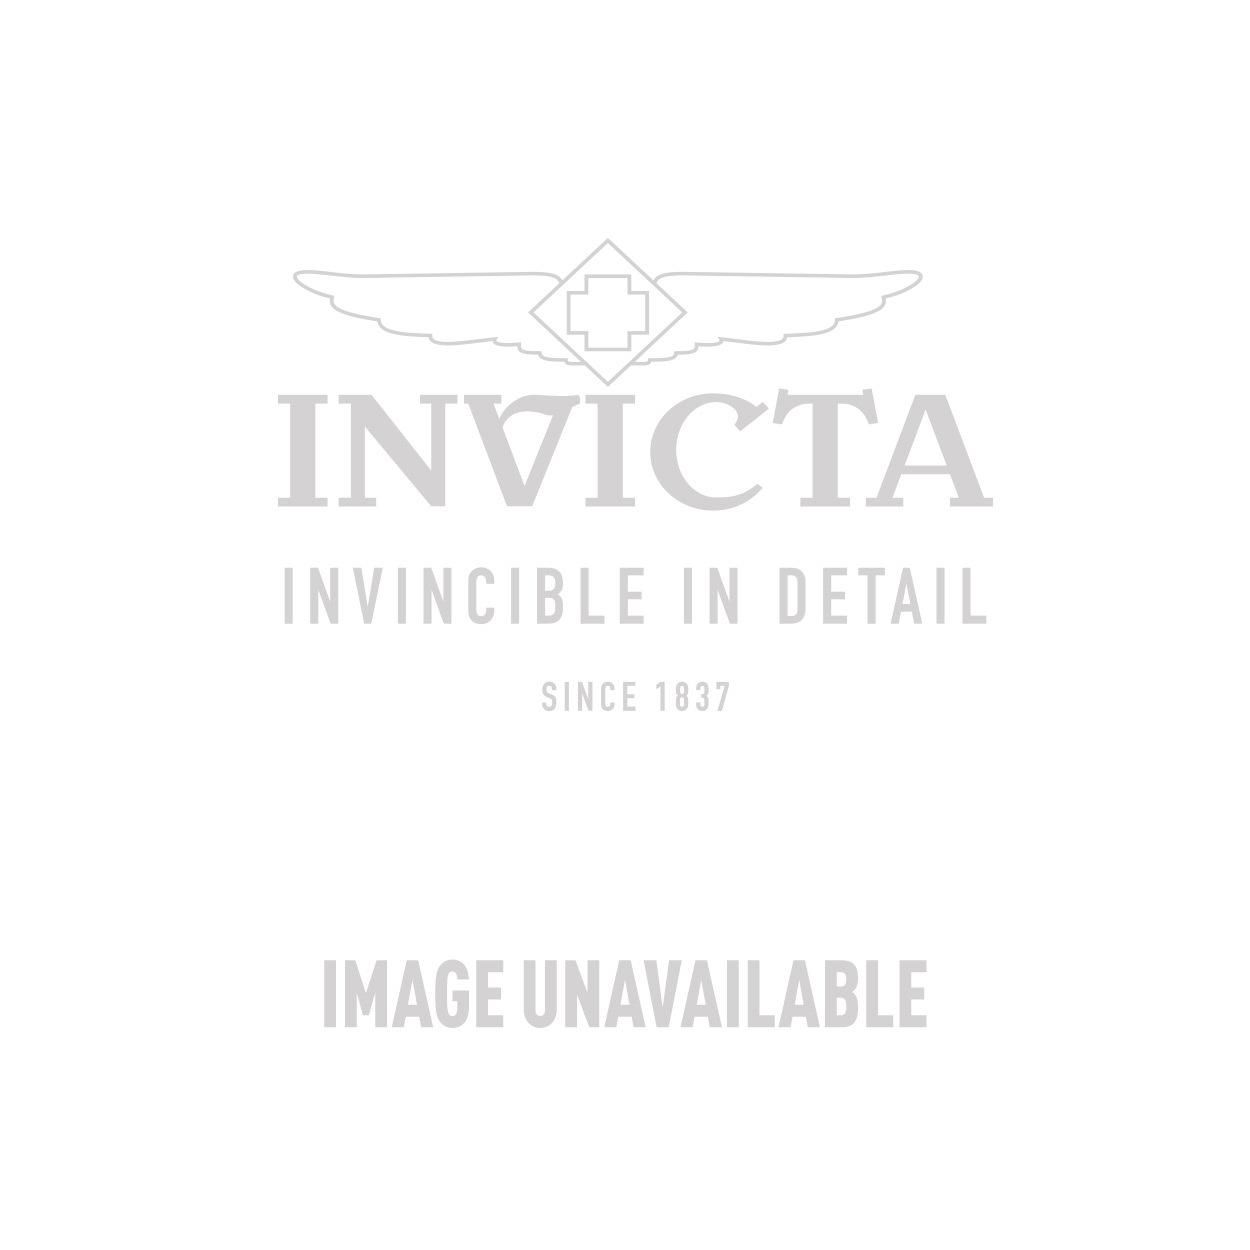 Invicta Model 26751